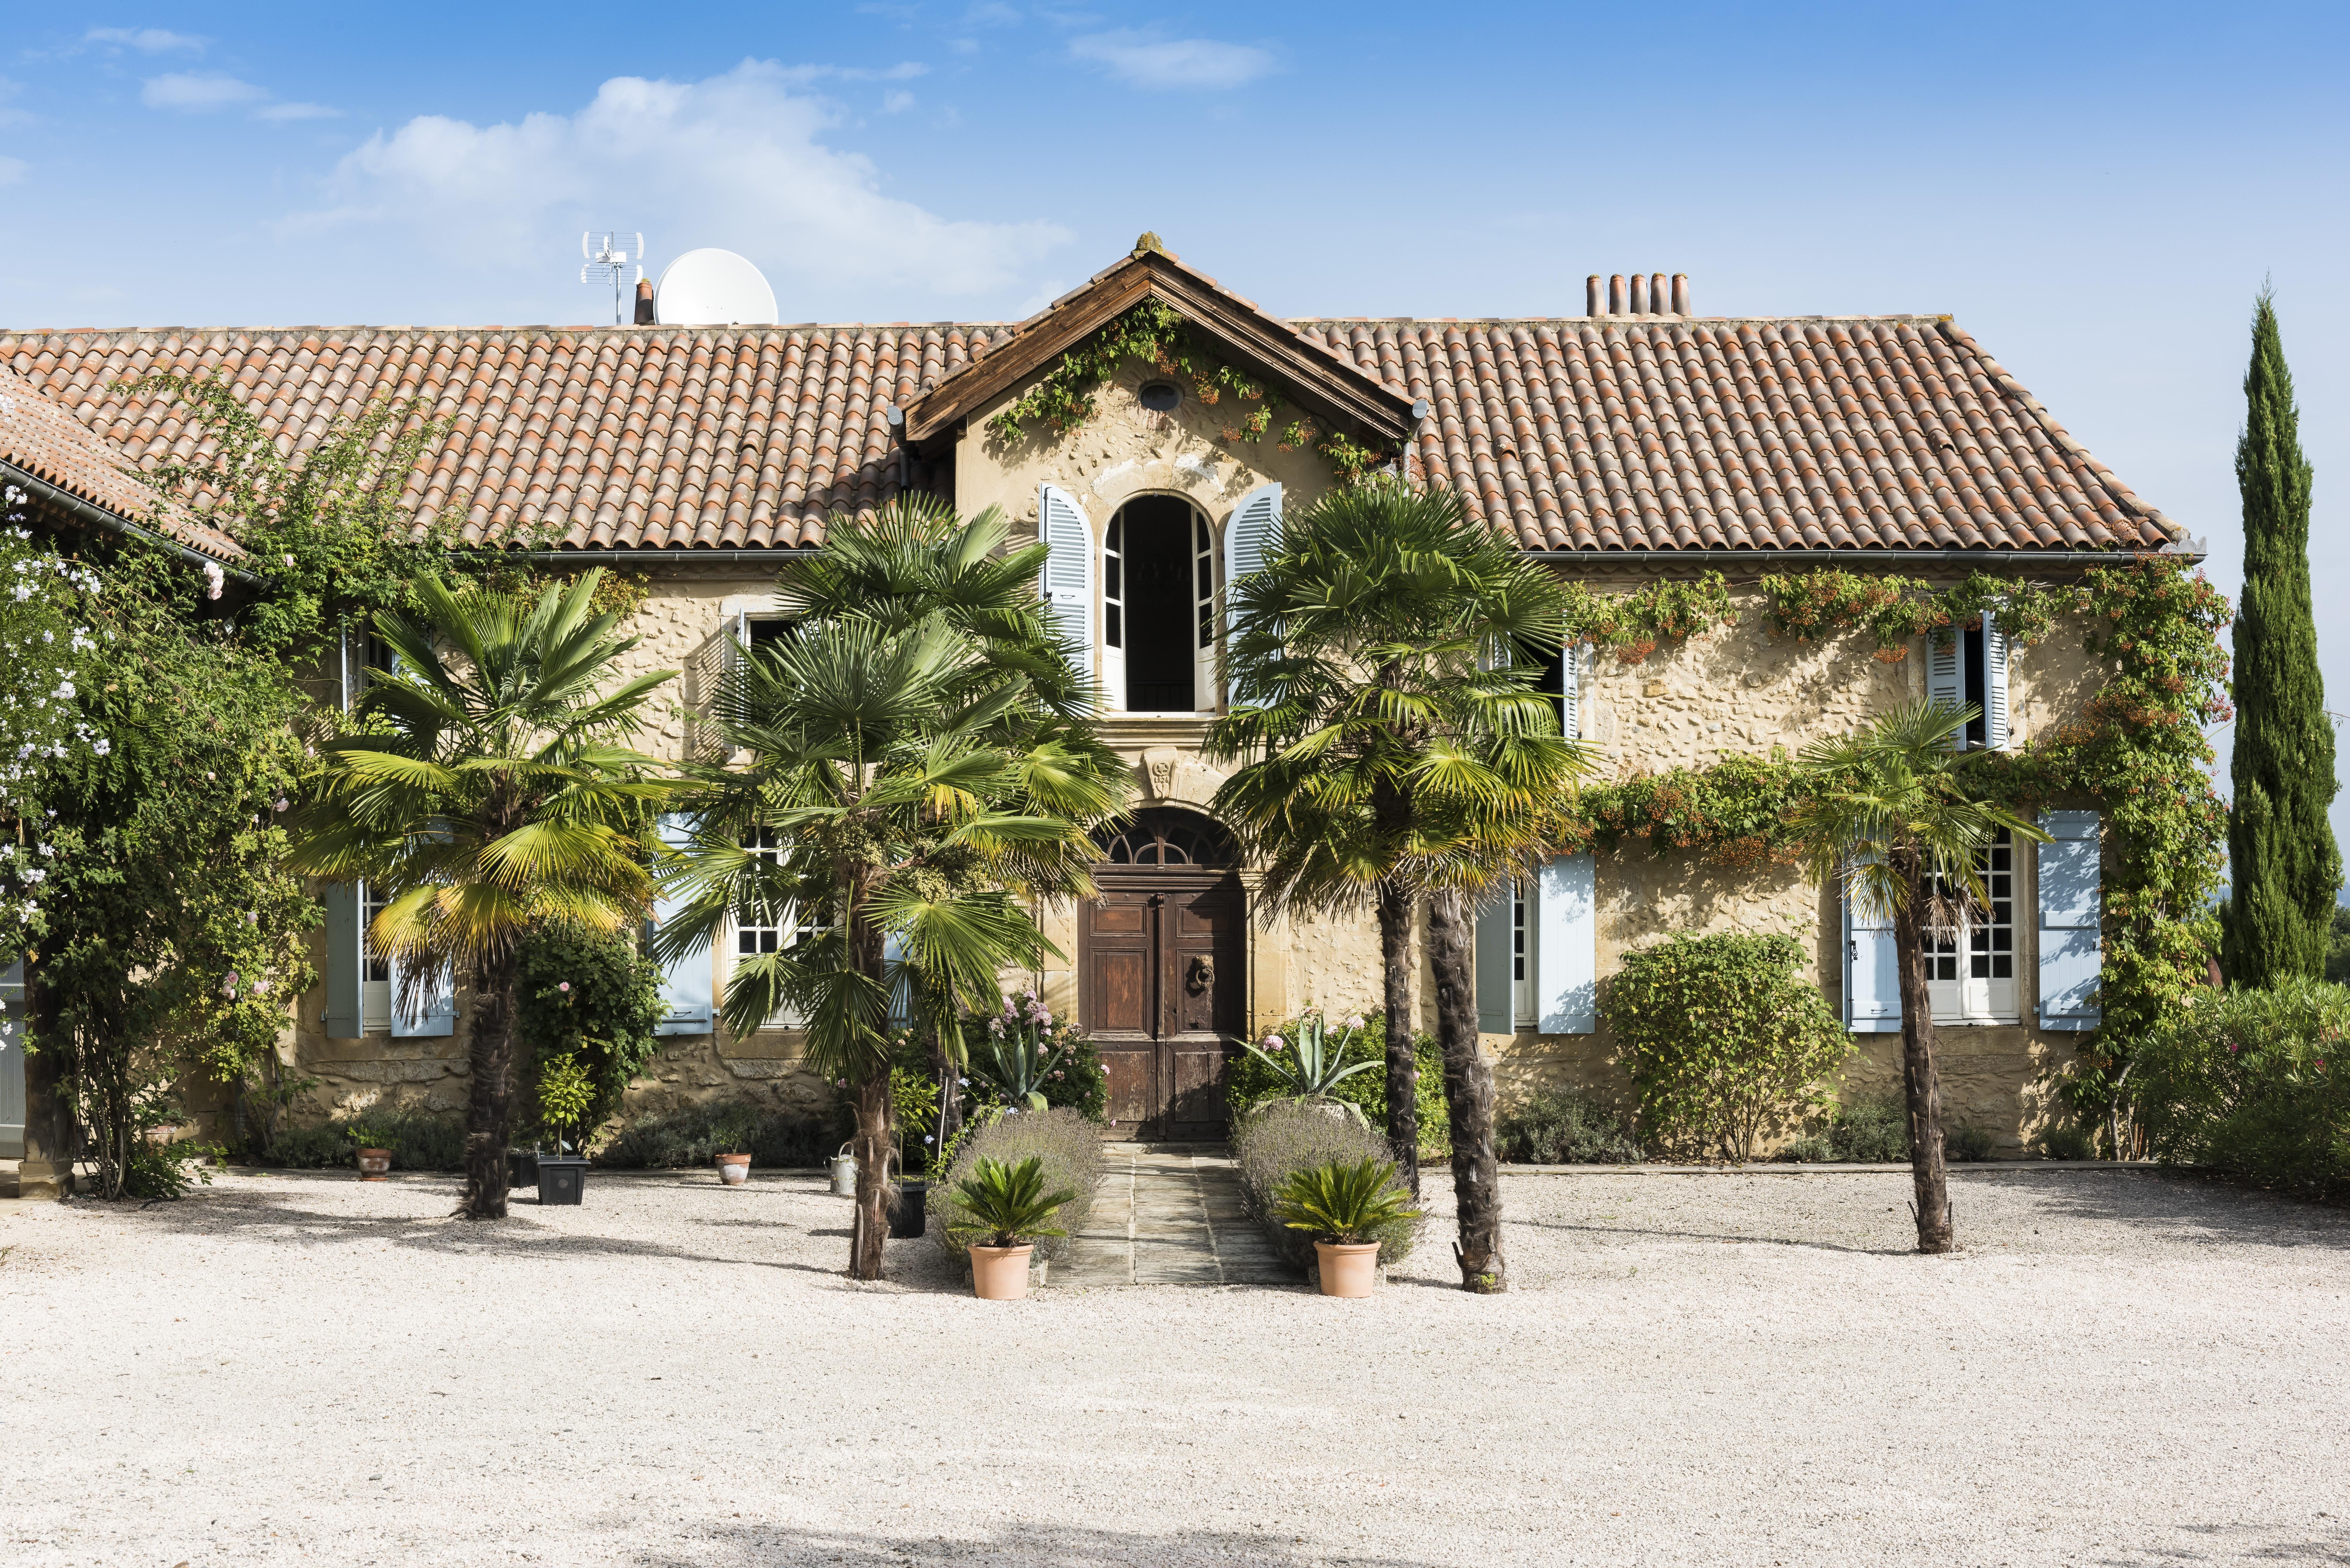 Fotos gratis : árbol, creativo, arquitectura, sol, villa, palacio ...